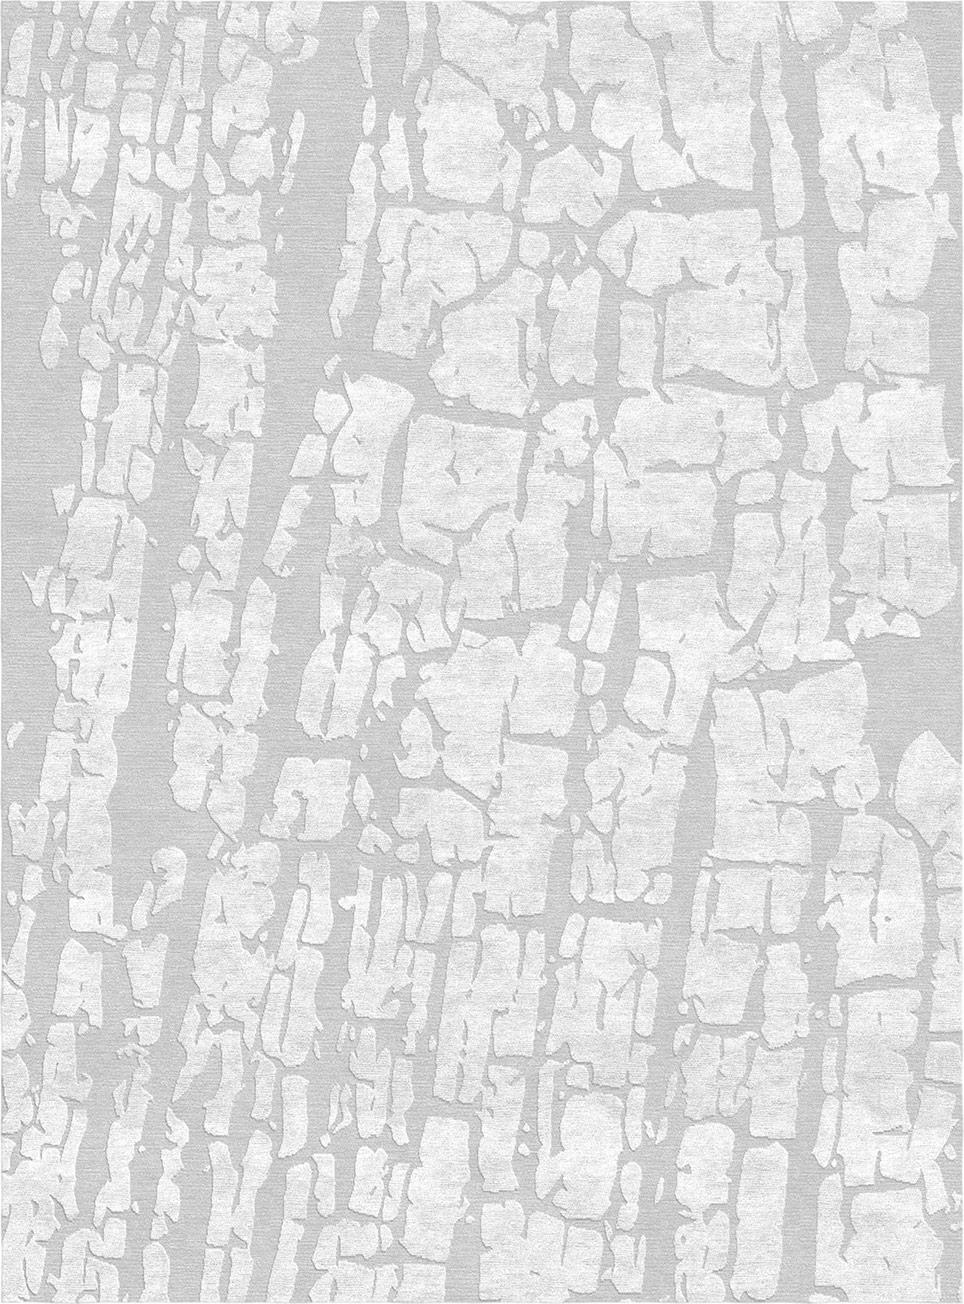 Casasensi_luxury-dark-hand-knotted-rug-silver